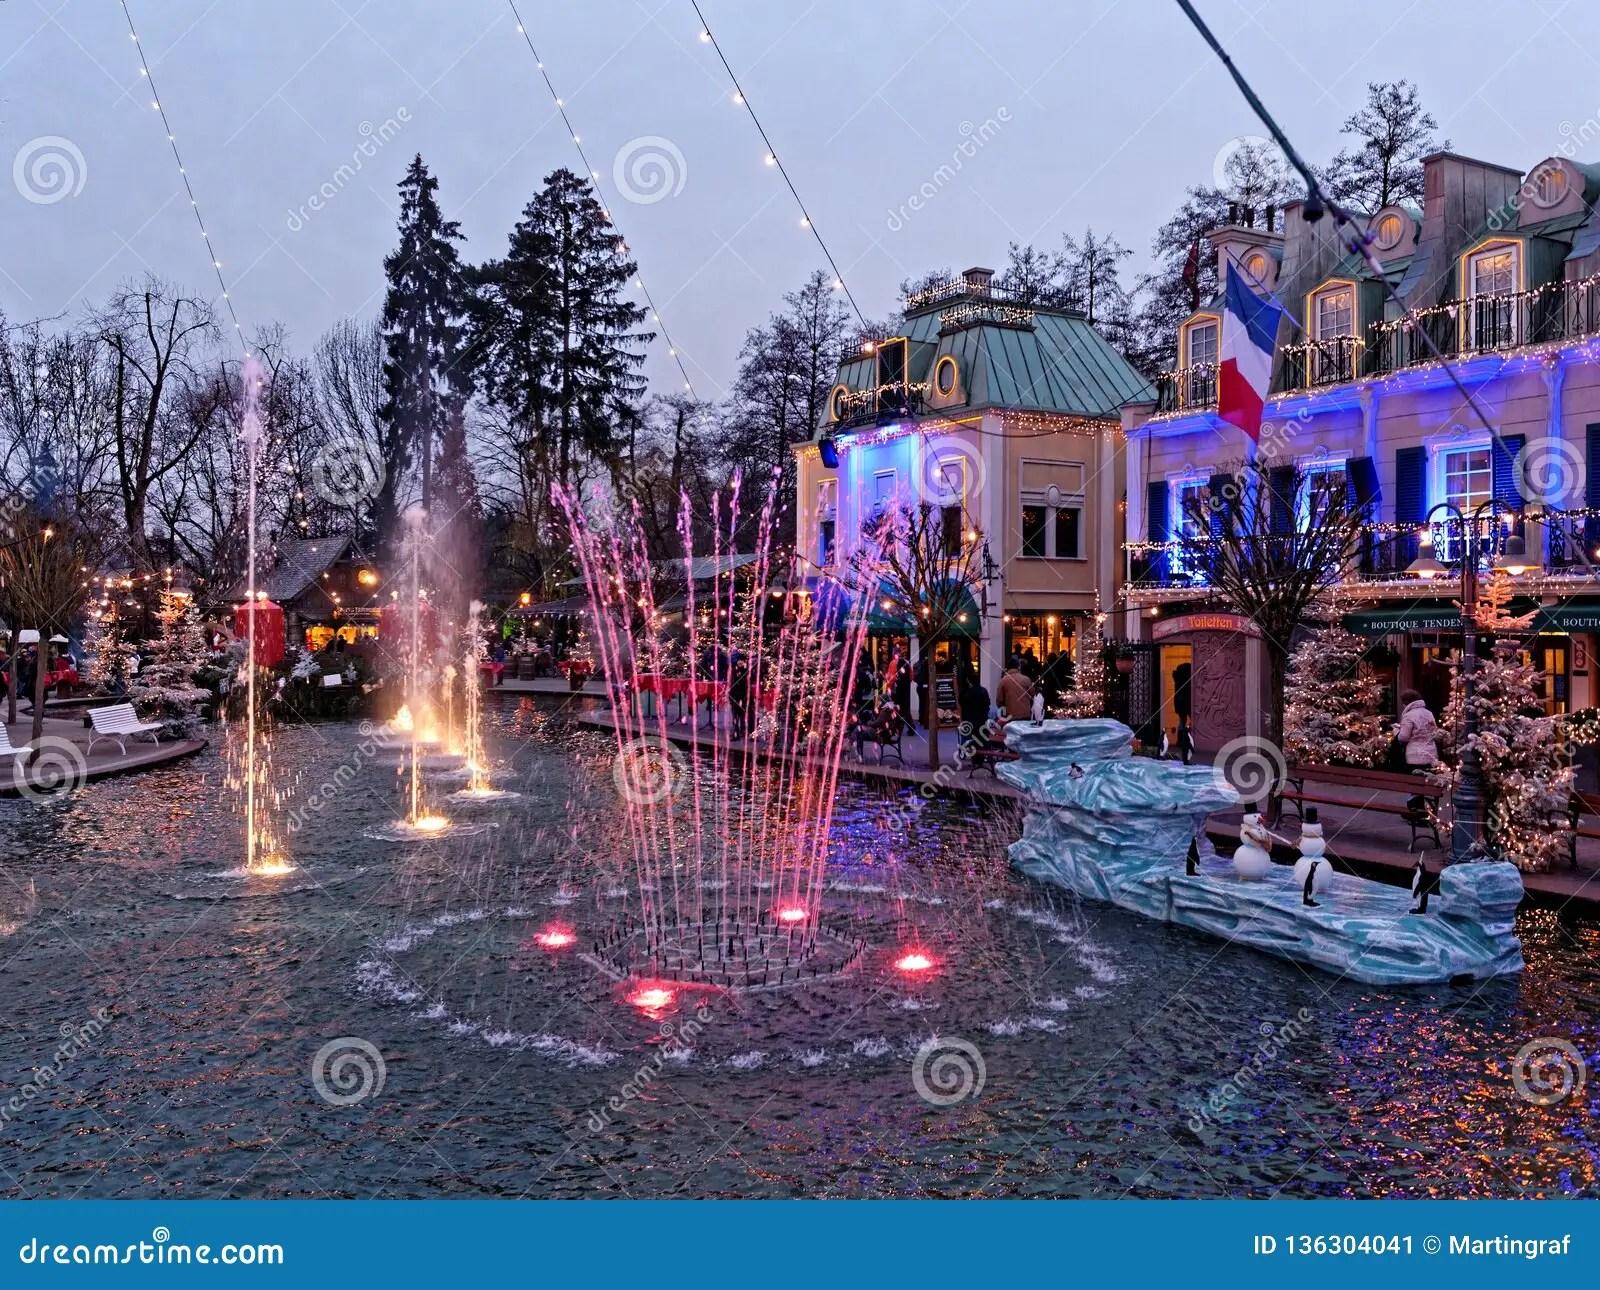 christmas scenery at lake